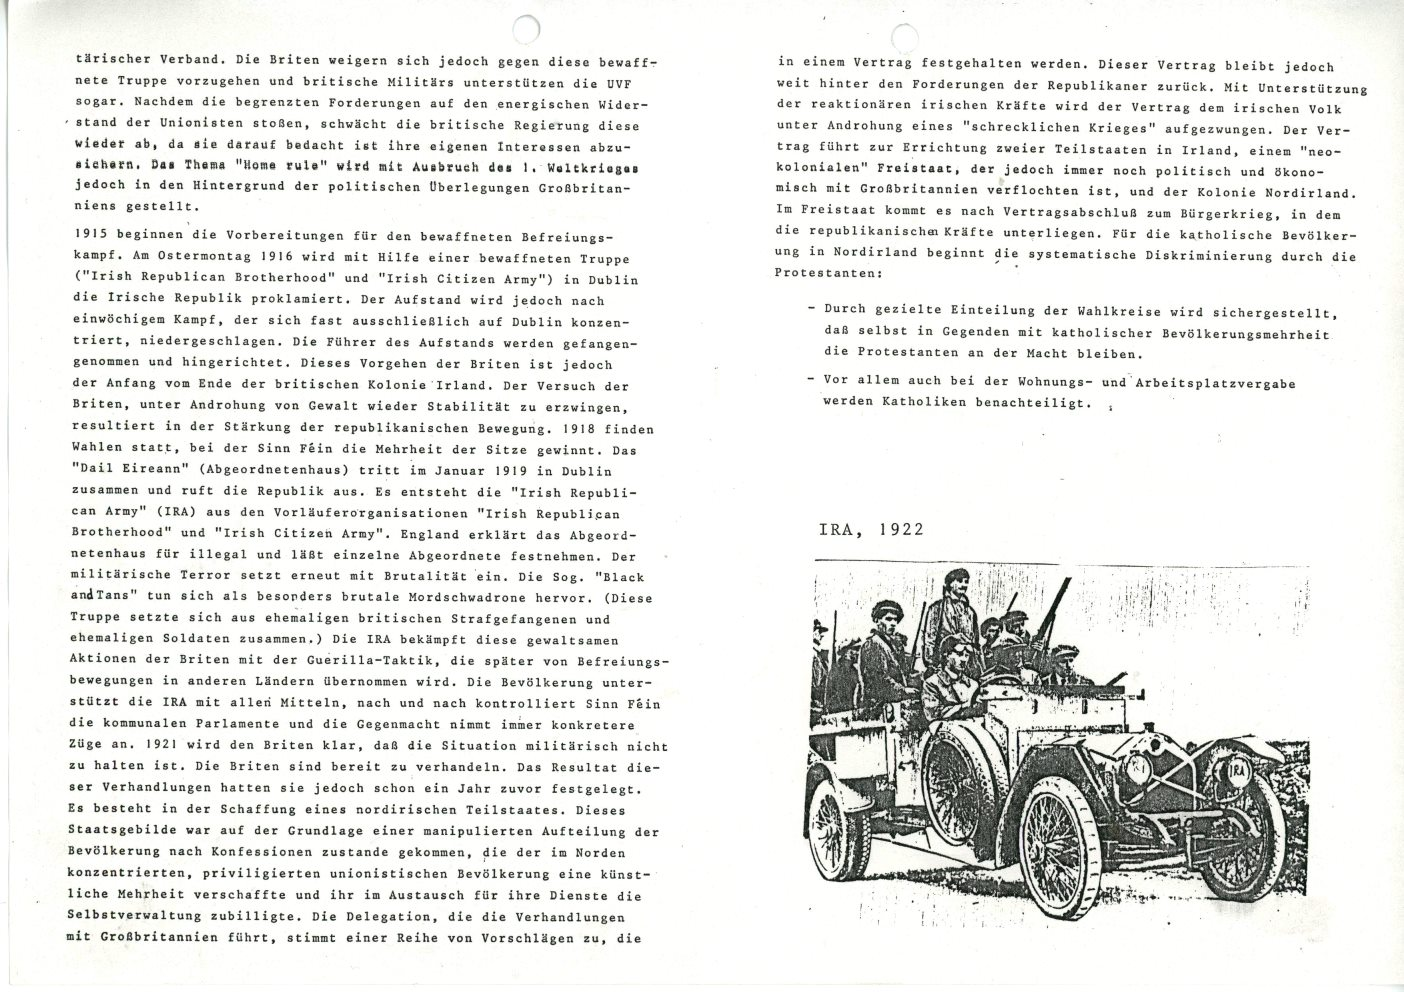 Freiburg_Nordirland_Reader_1988_05